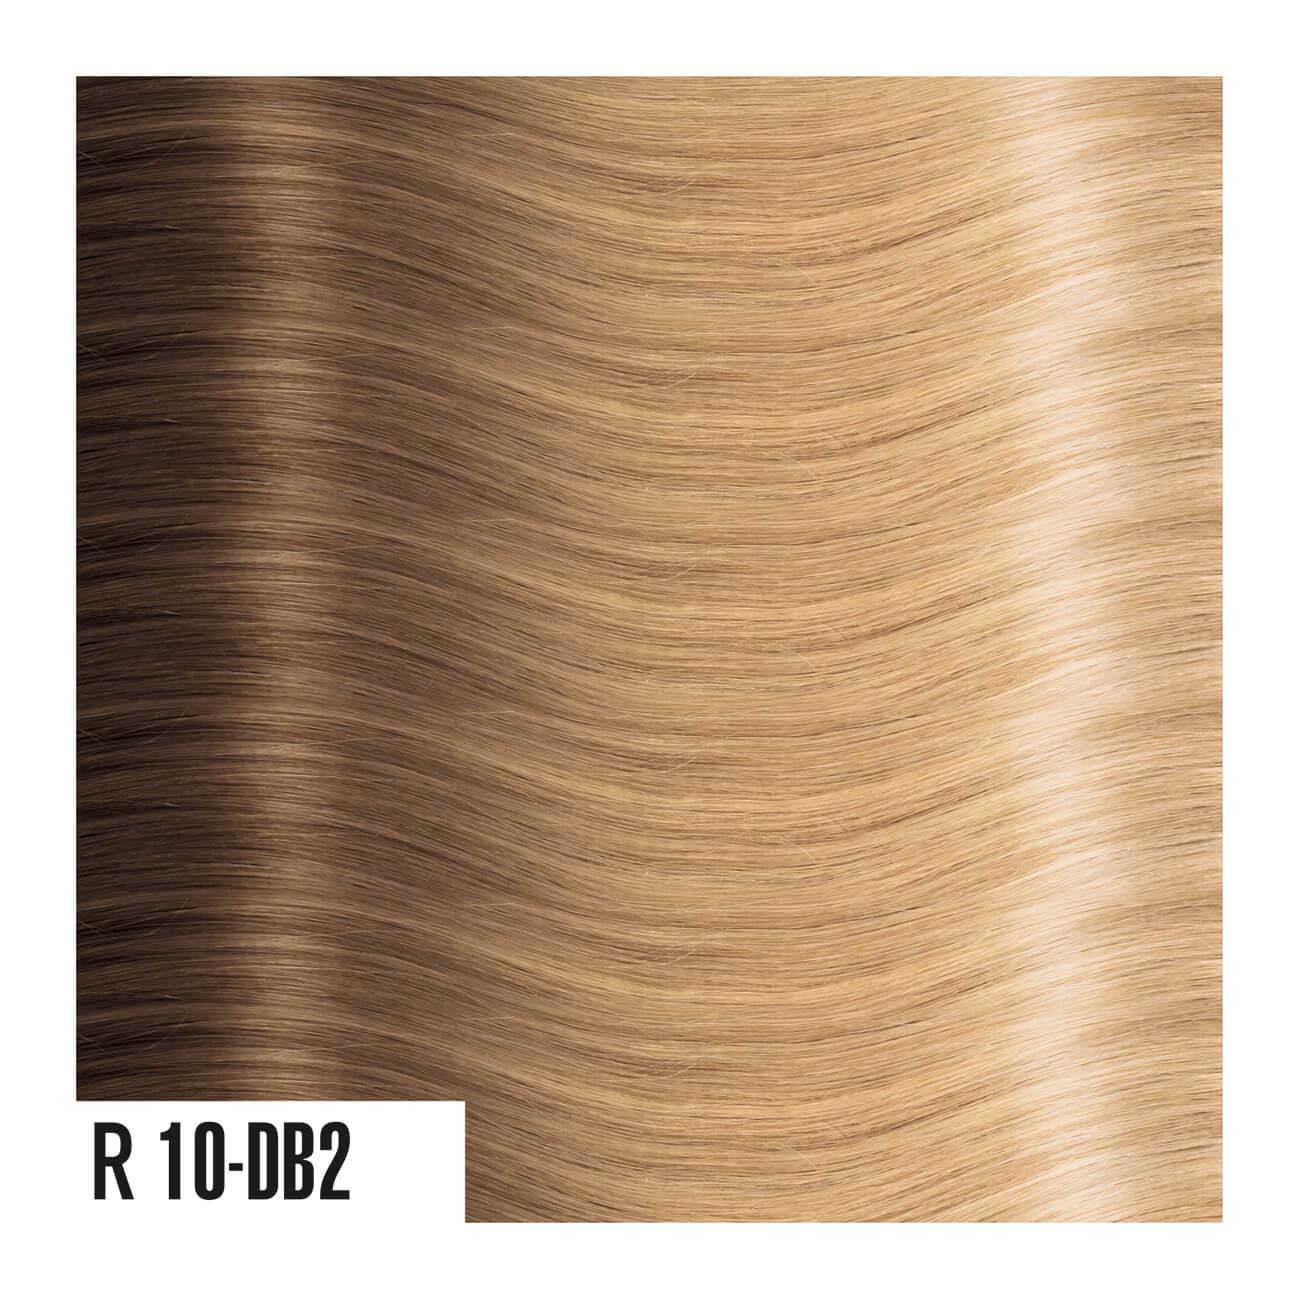 R10-DB2